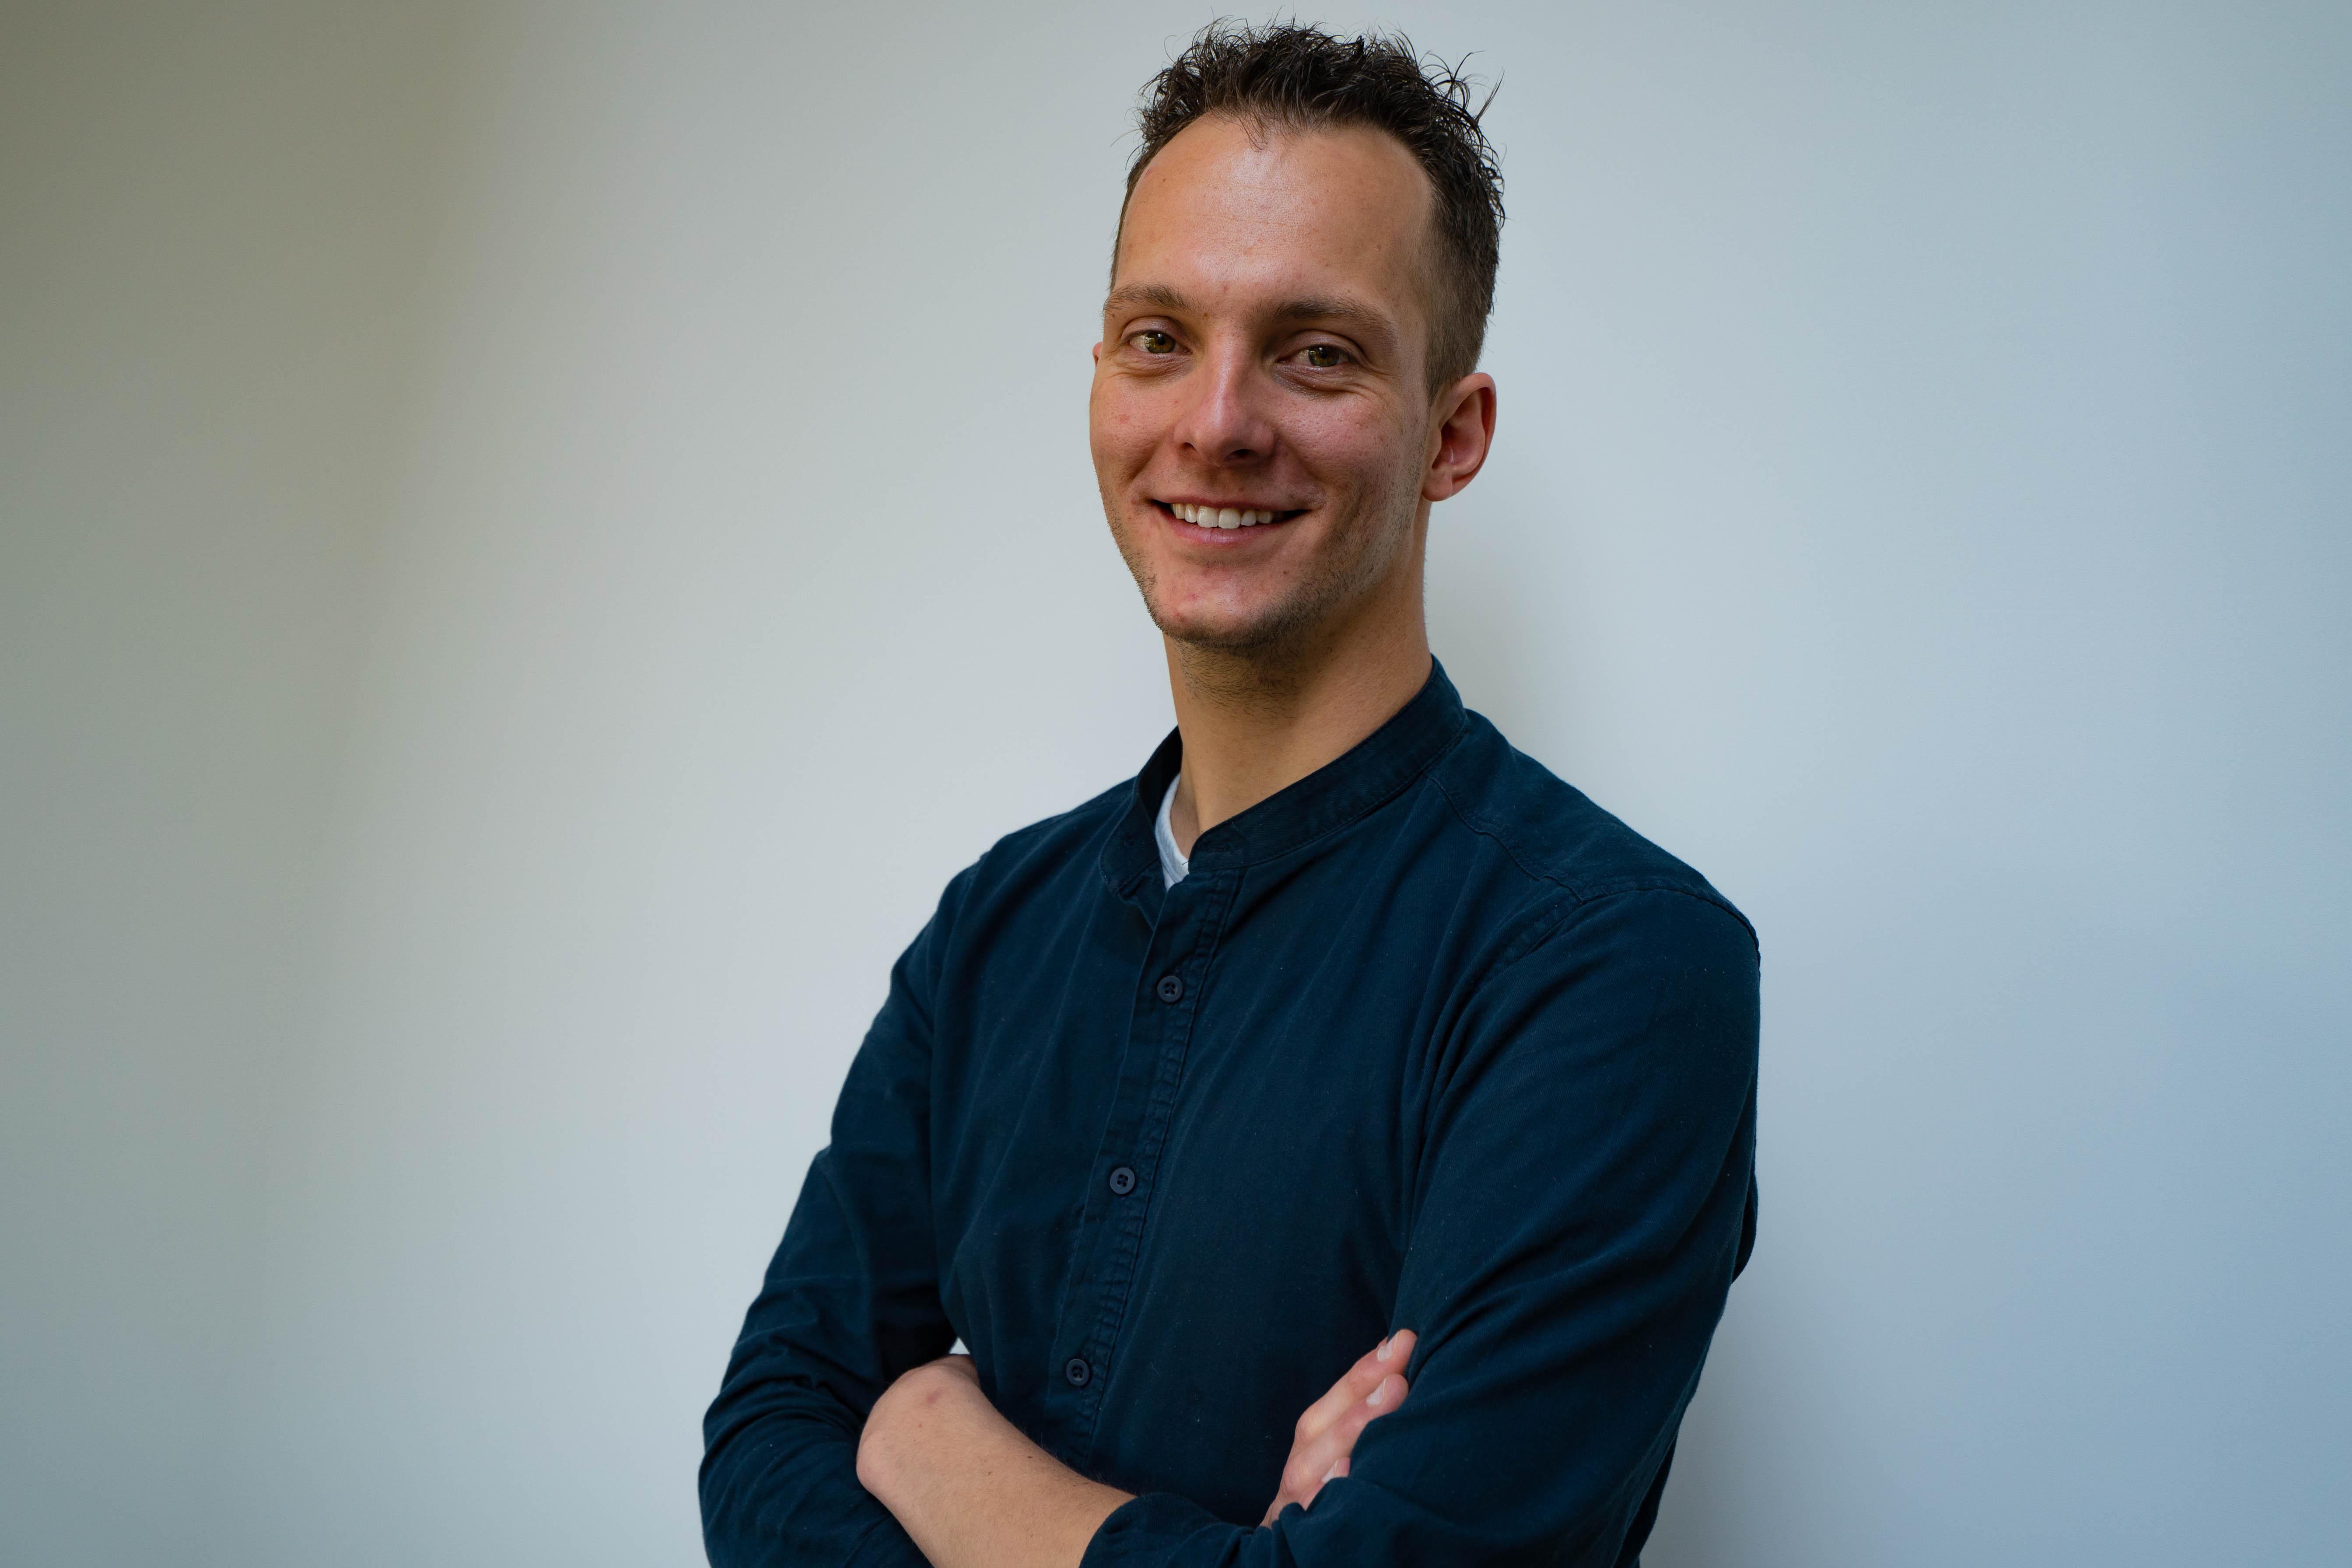 Interview: Michael van der Tas